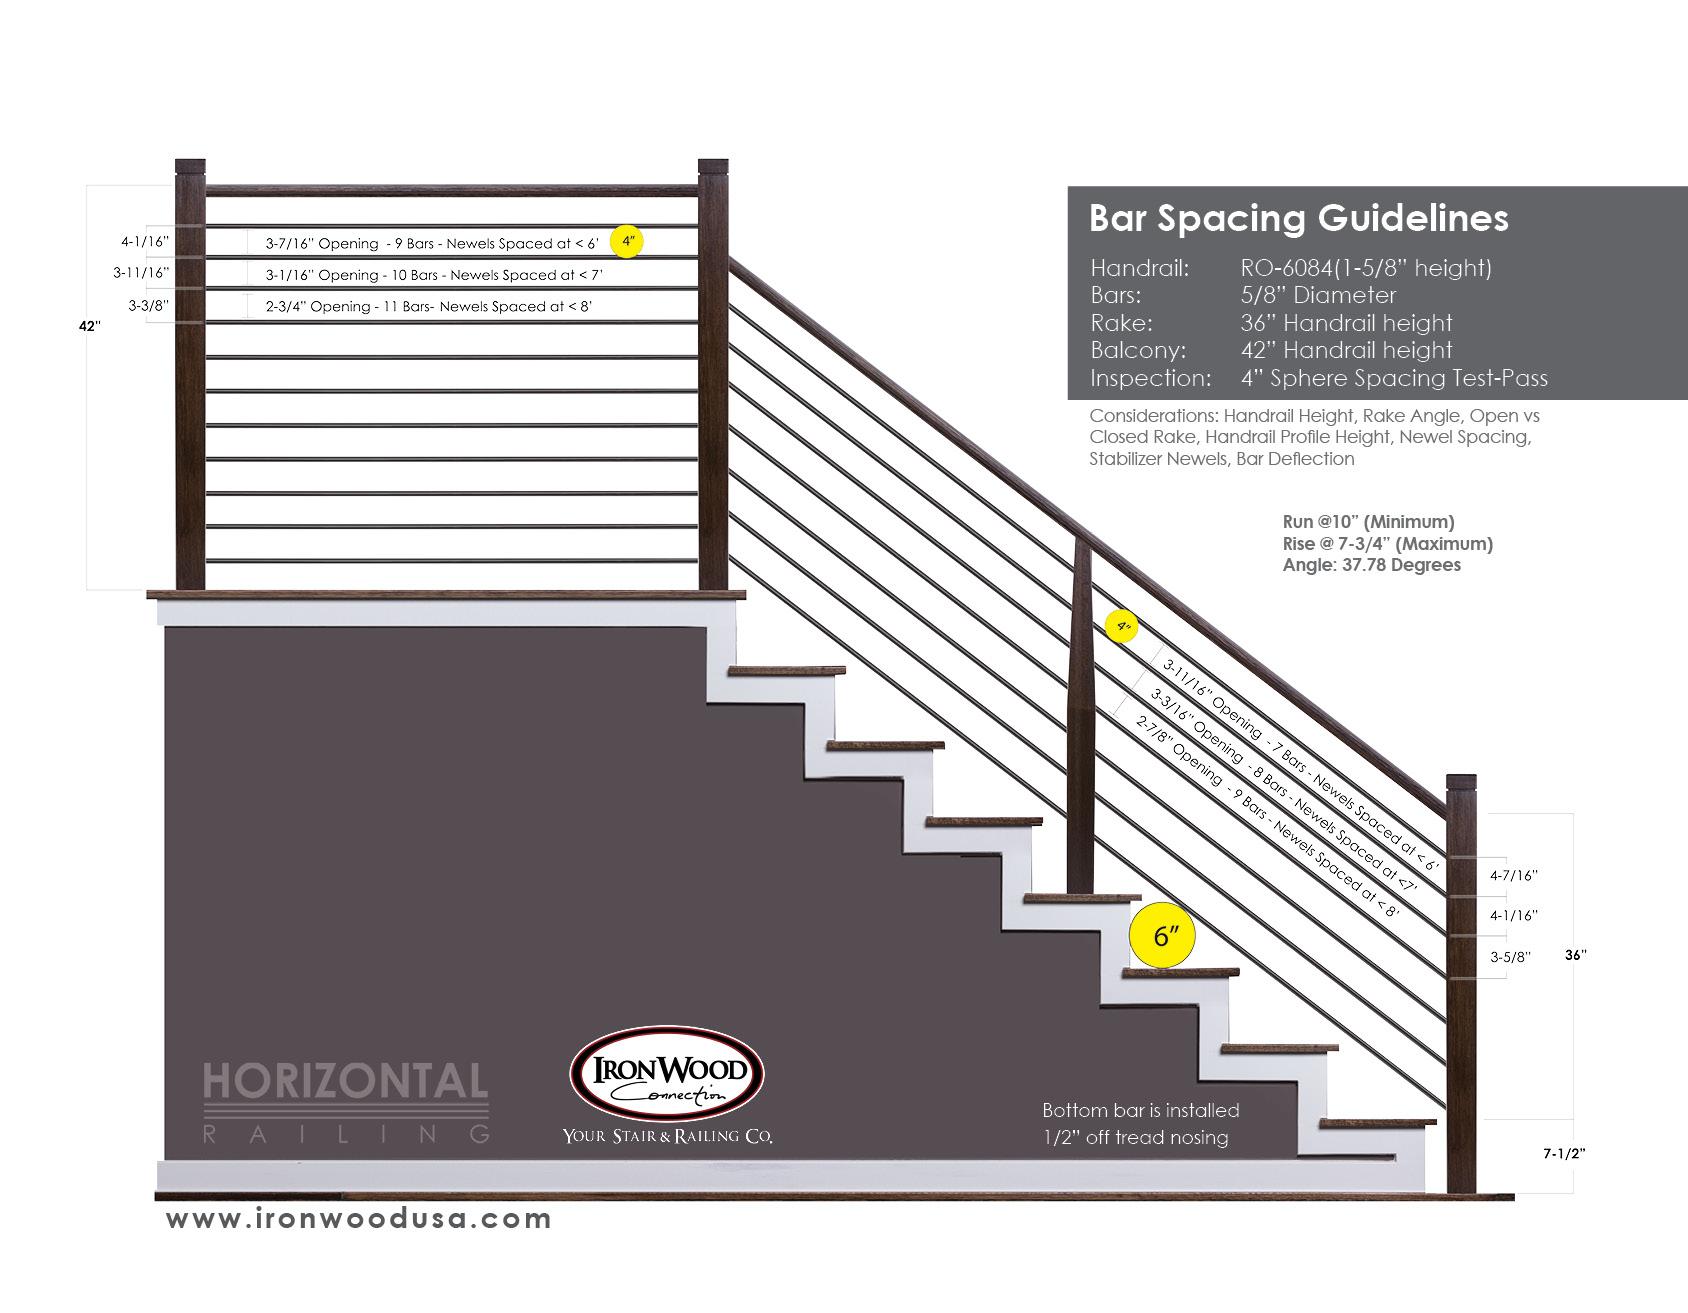 Affordable Horizontal Railing Now Available Ironwood